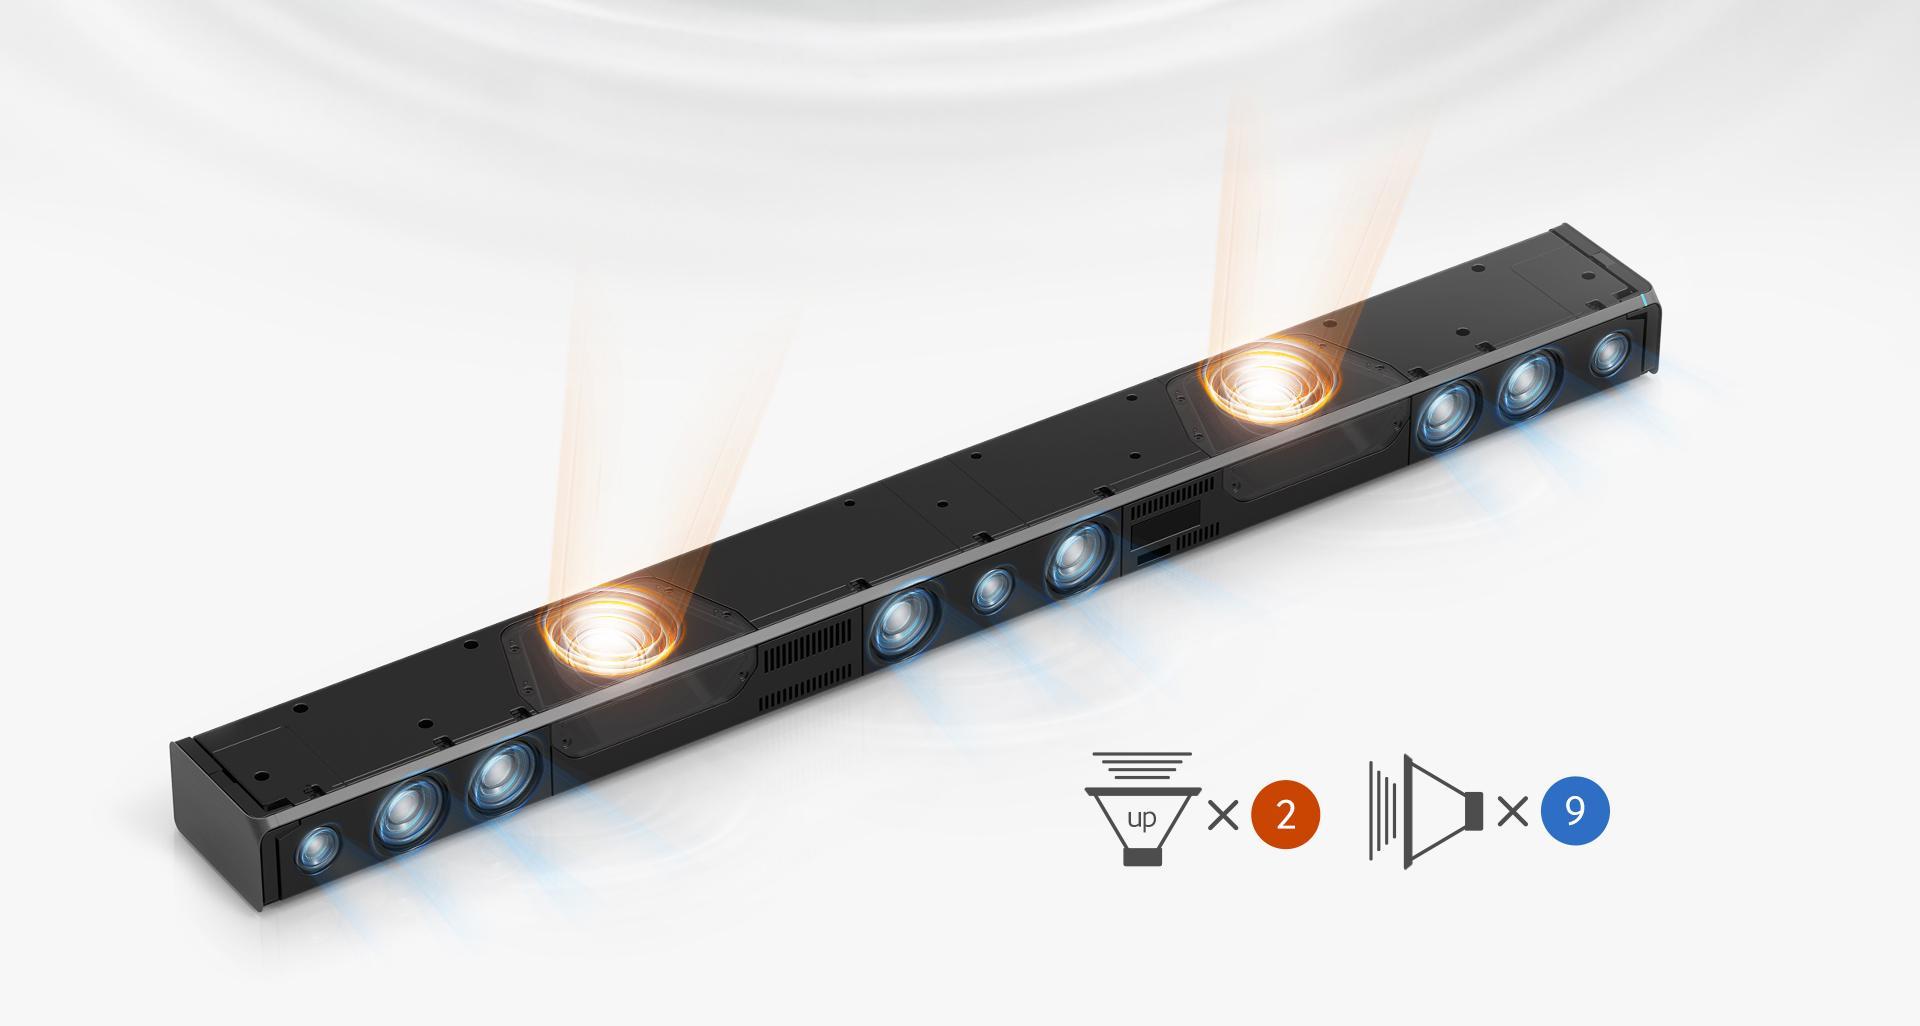 samsung hw k850 za 3 1 2 channel soundbar with dolby atmos technology 2016 model. Black Bedroom Furniture Sets. Home Design Ideas